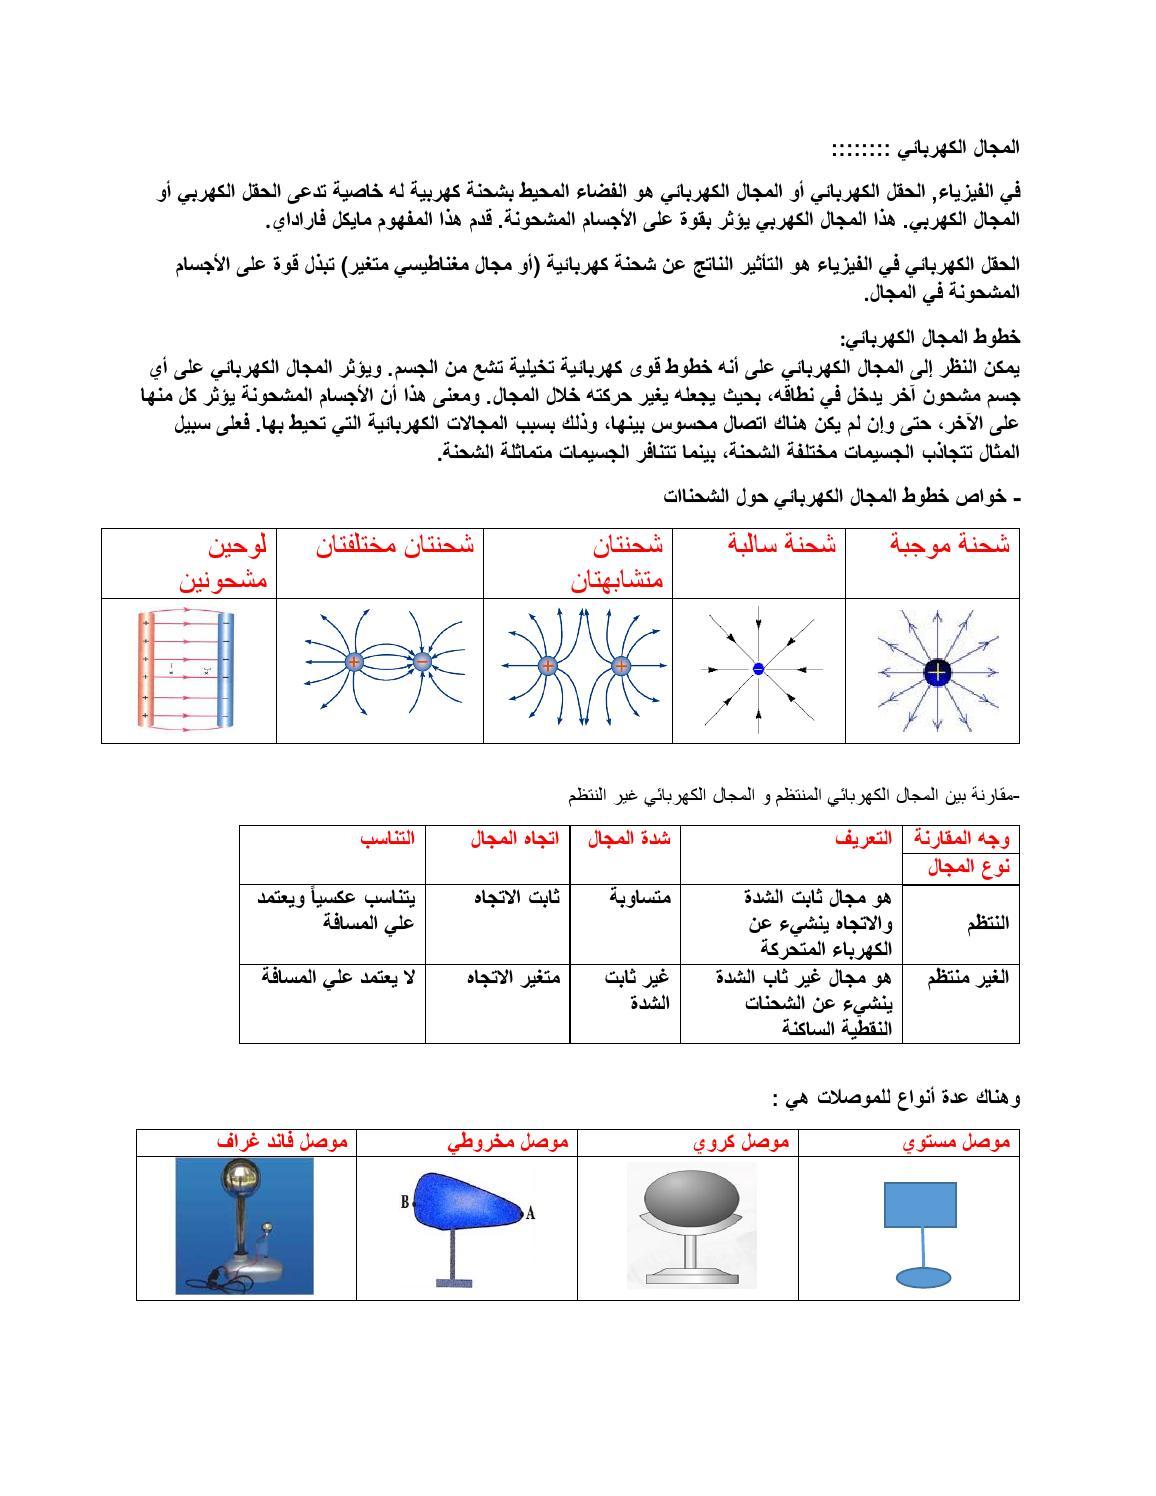 المجال الكهربائي By Khalid Issuu